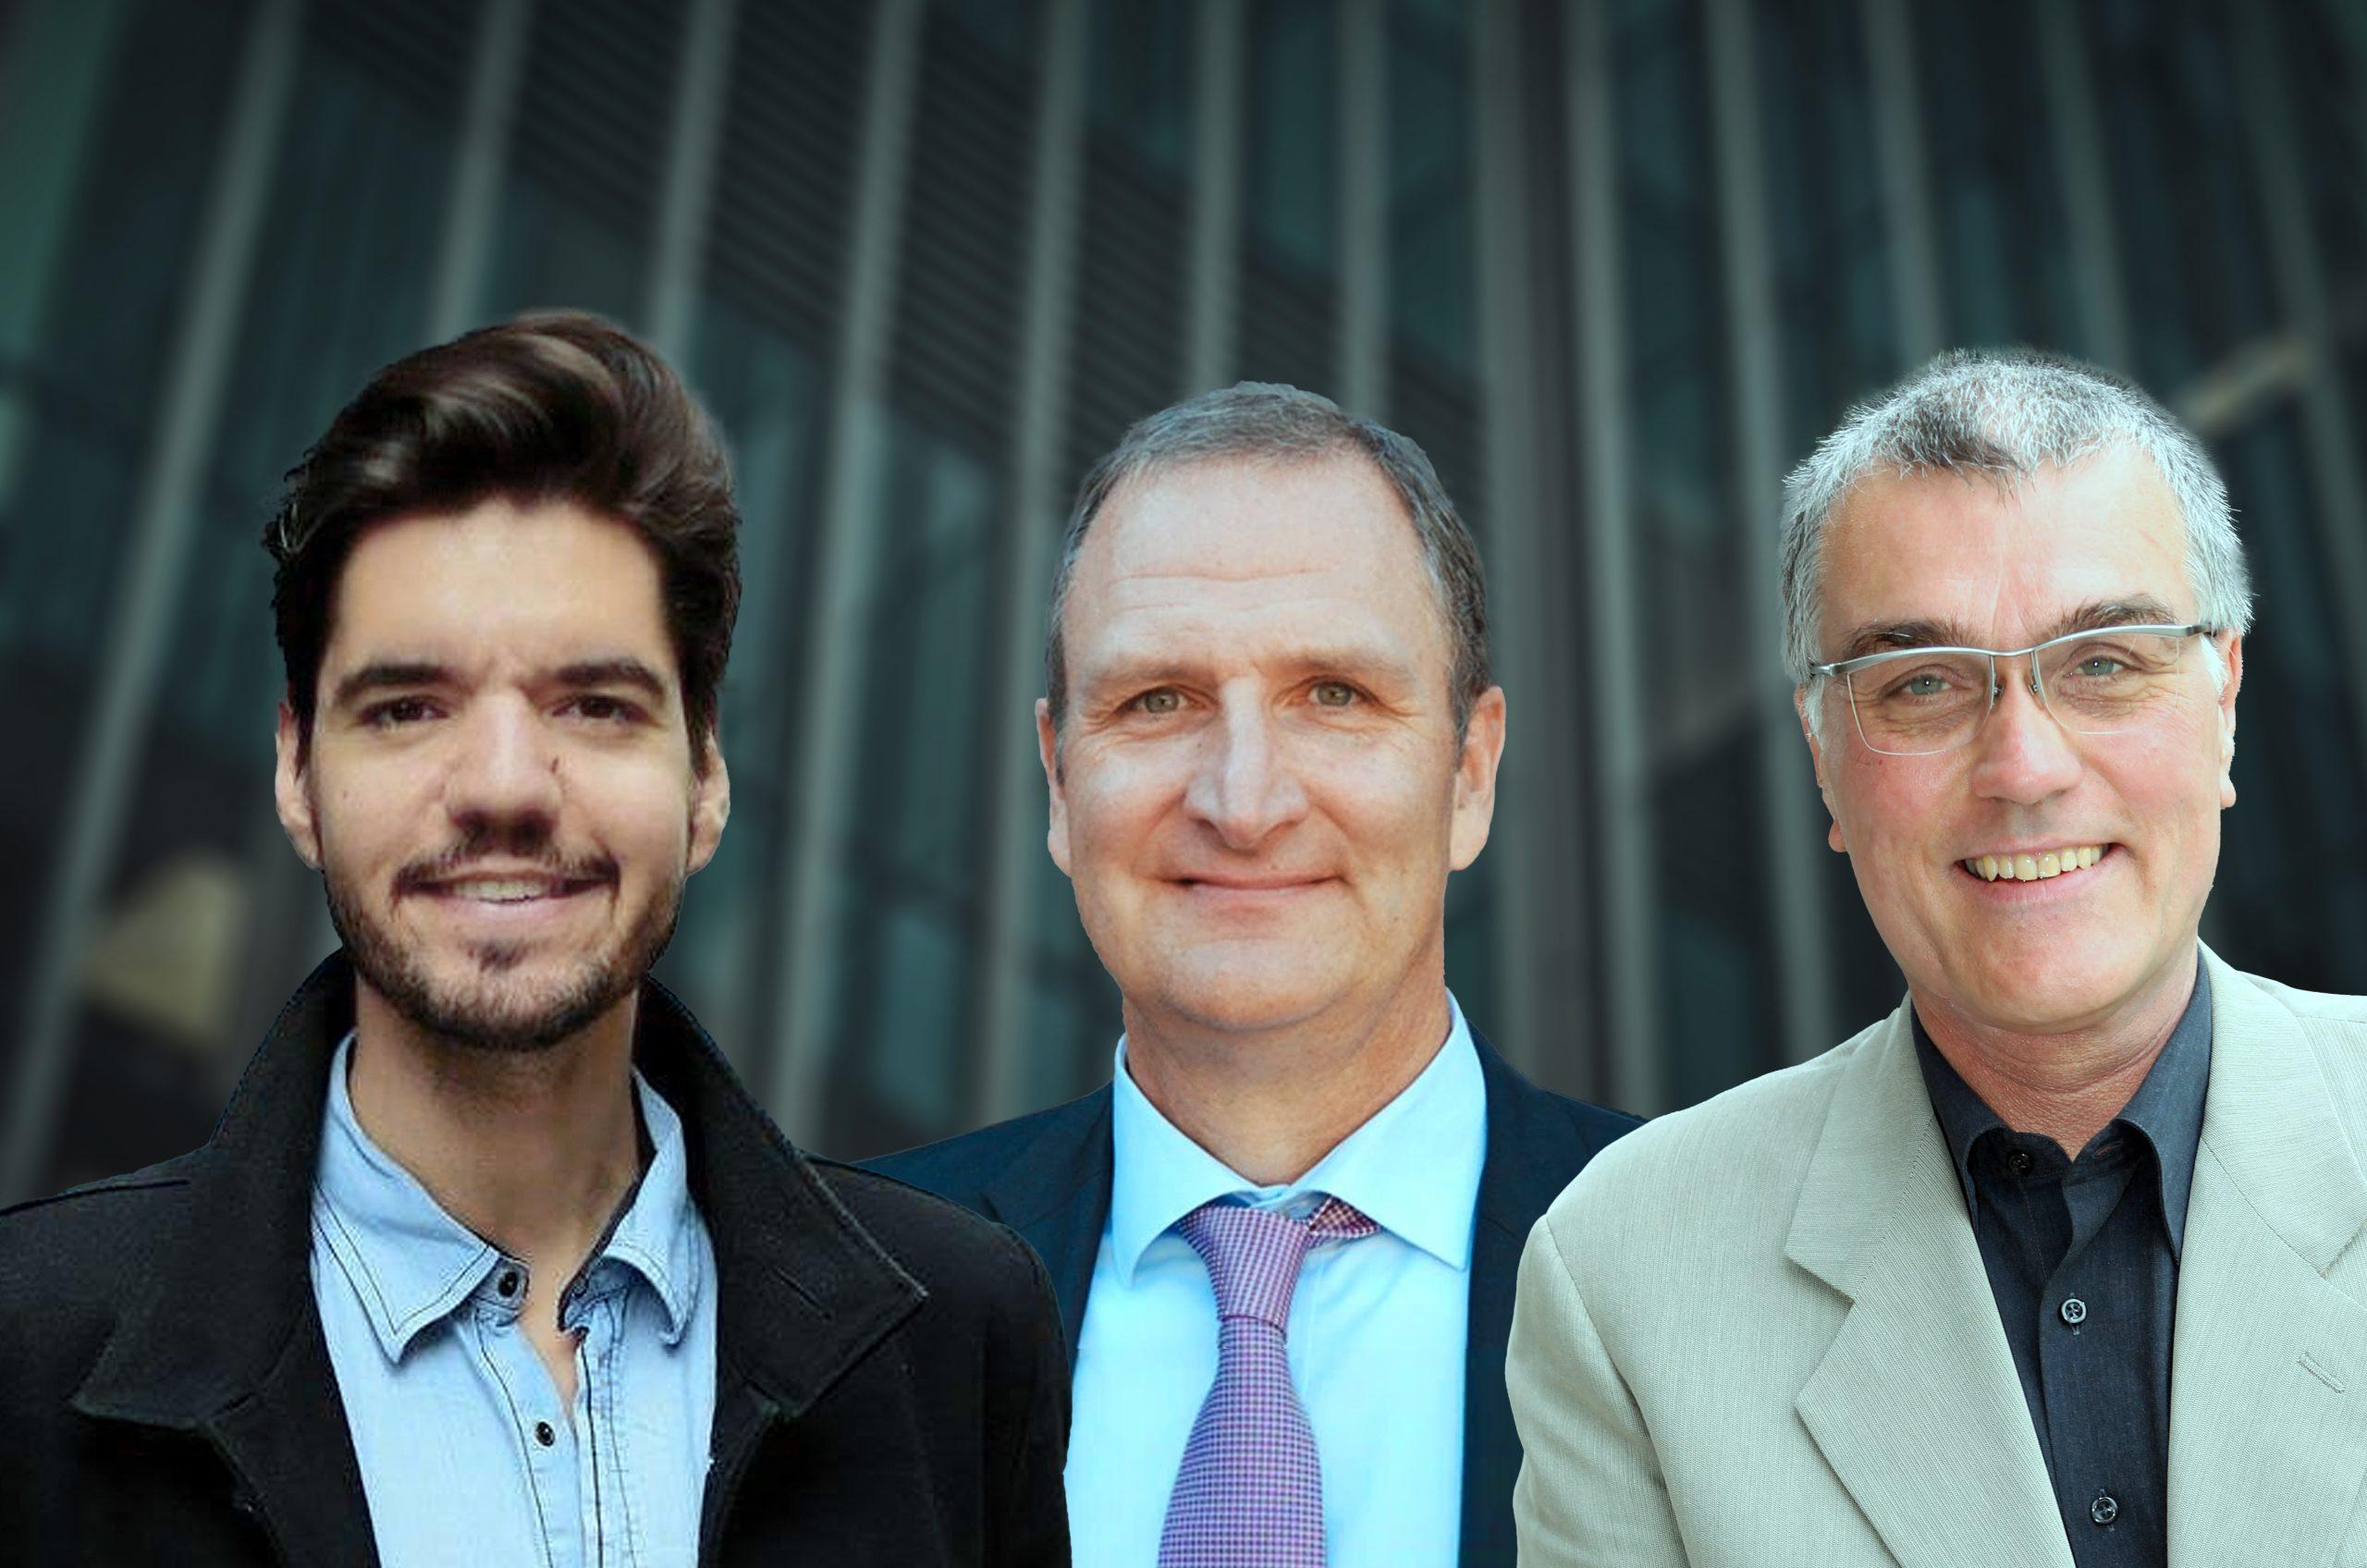 Hans-Albert-Institut gewinnt neue Mitstreiter